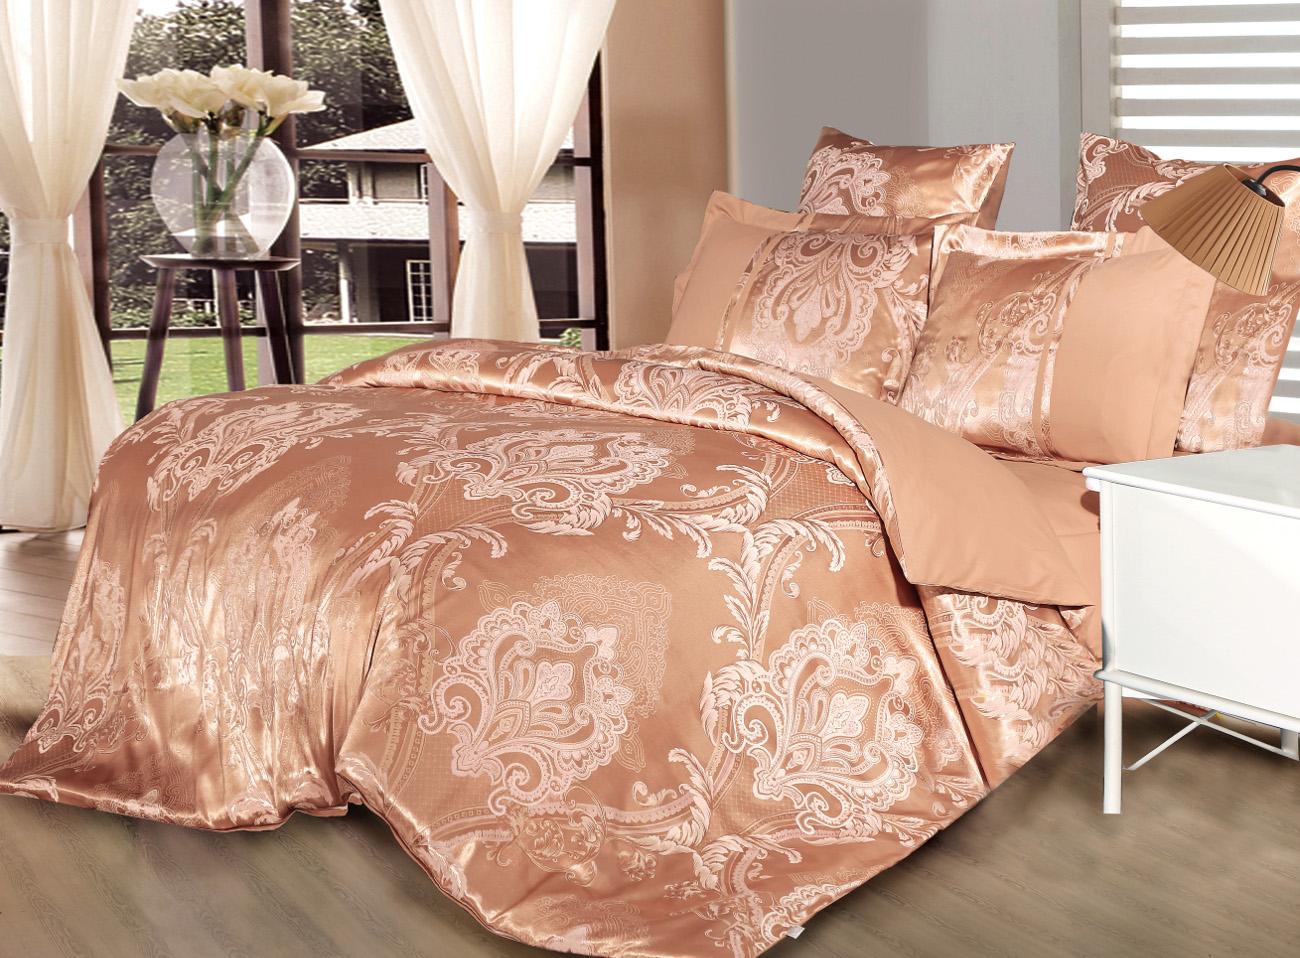 Постельное белье Cleo Постельное белье Wilf (2 сп. евро) постельное белье cleo постельное белье night 2 сп евро